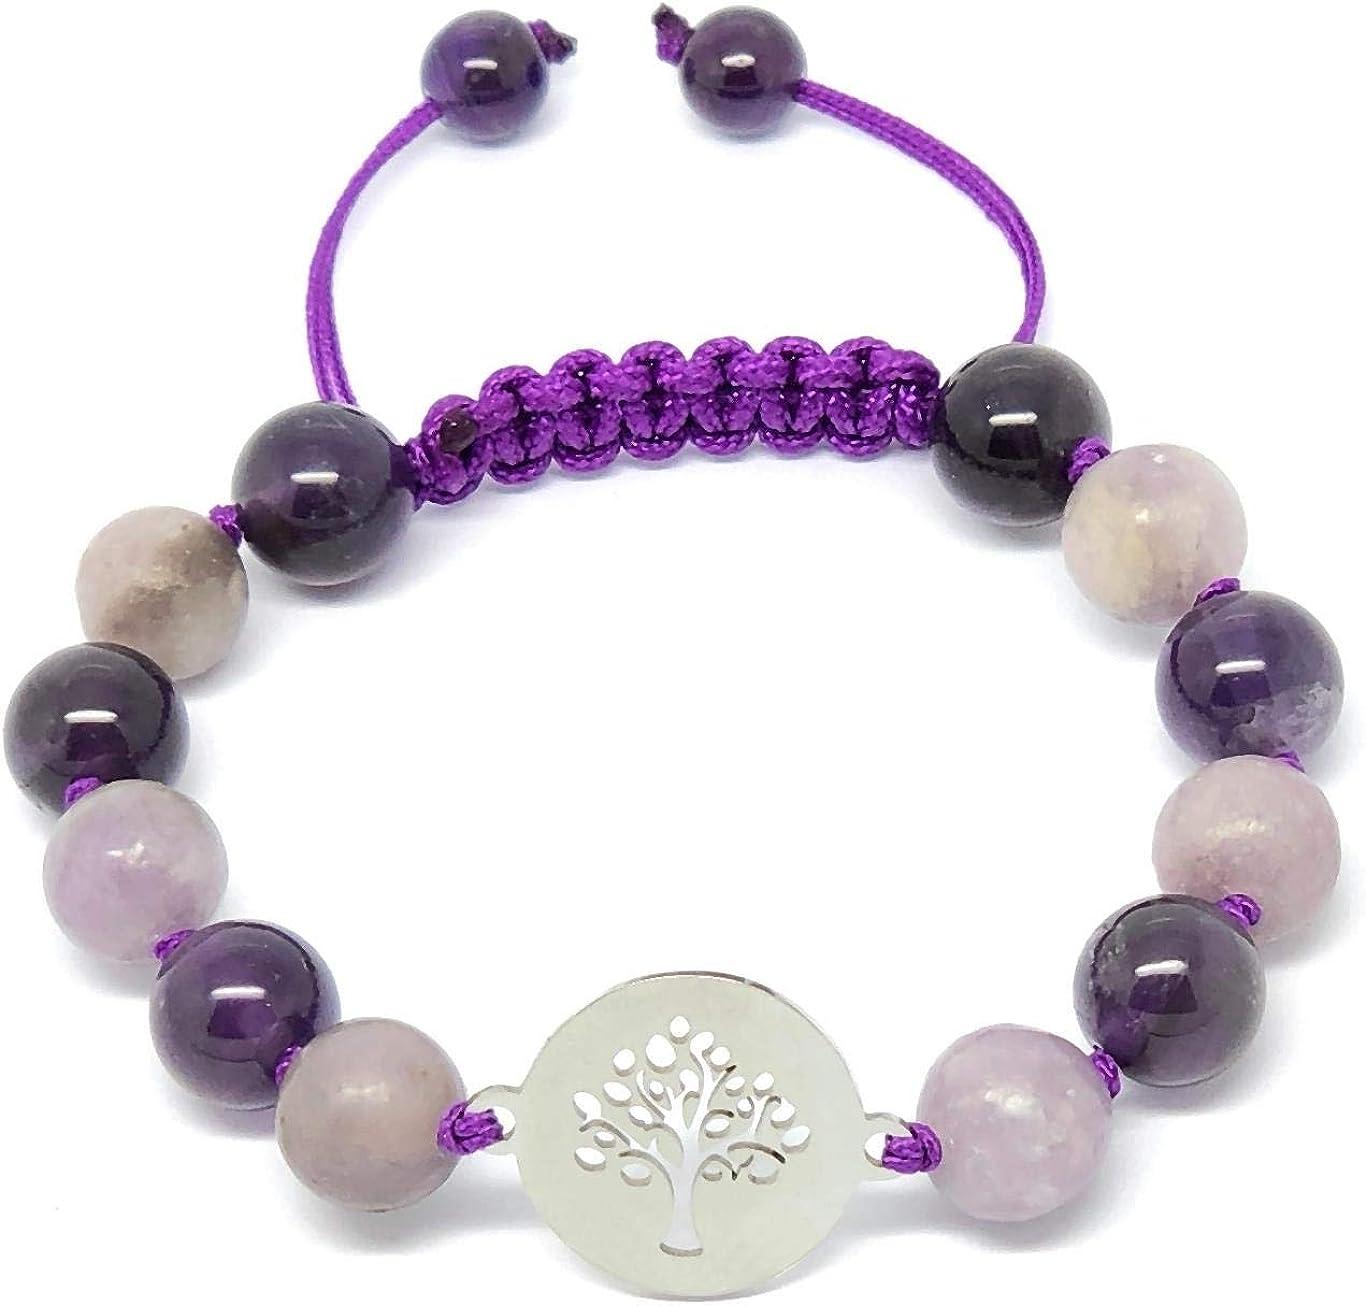 Jiveli cuentas de piedras preciosas pulsera de 8 mm anudada colgante colgante de macramé - se adapta a niños y adultos - para chakra, reiki, piedra de nacimiento, equilibrio energético